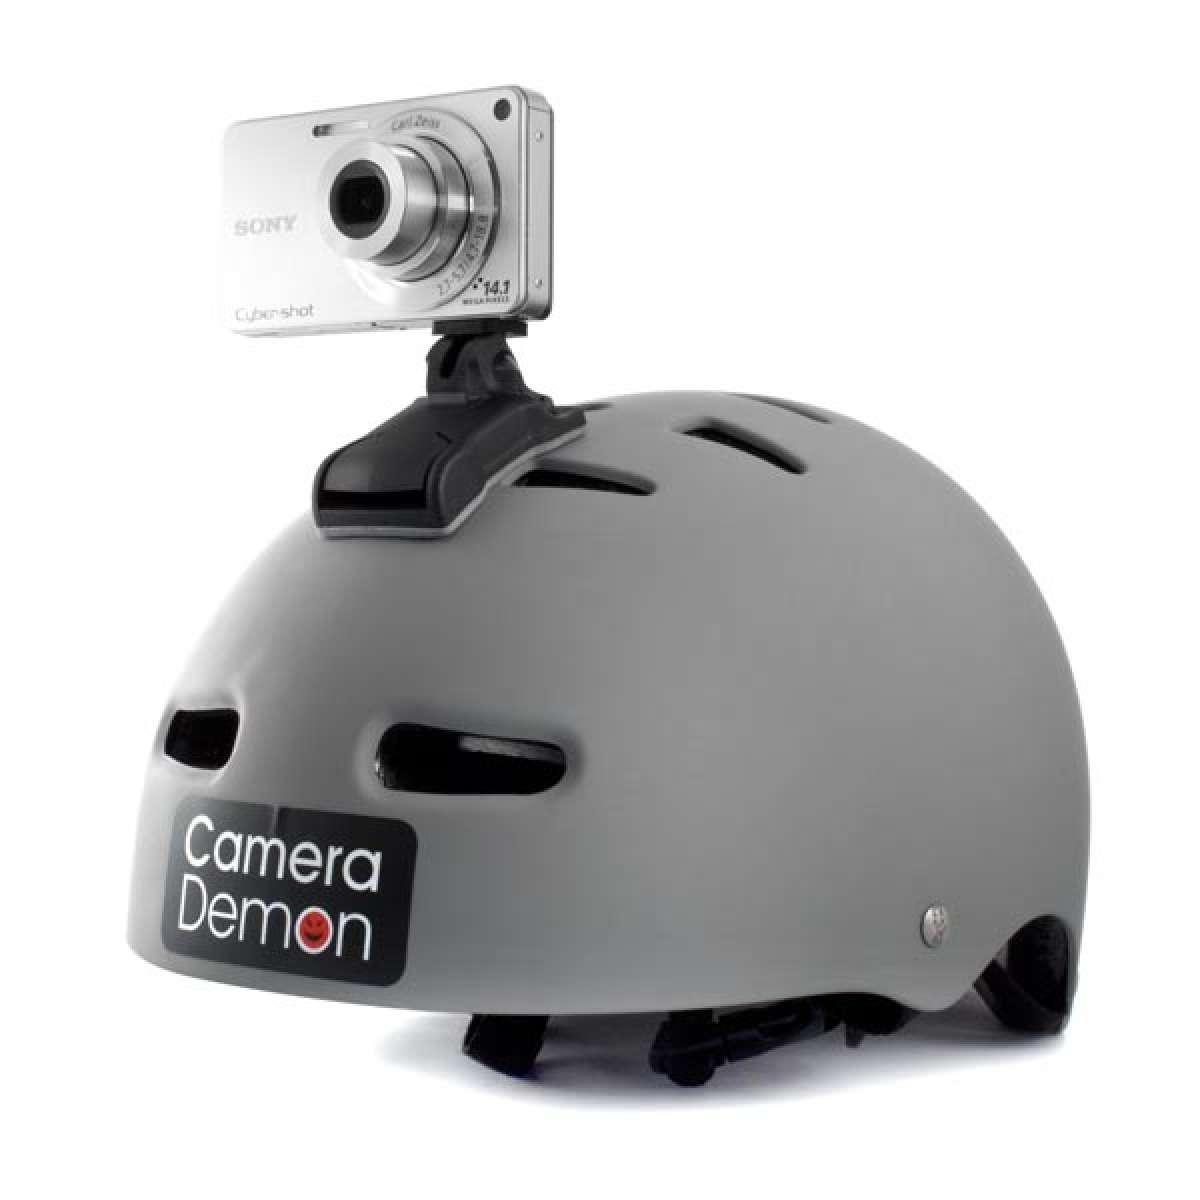 Camera Demon: Un nuevo soporte universal deportivo para todo tipo de cámaras fotográficas